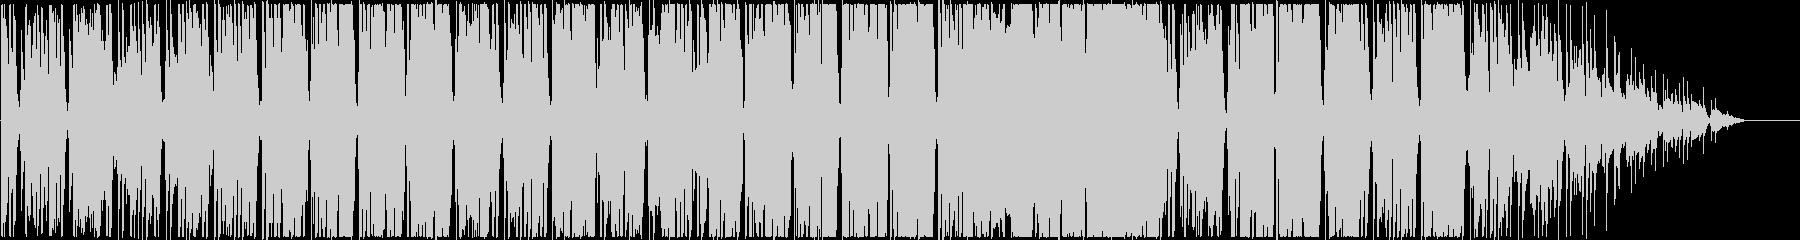 しっとりとしたスローテンポなR&Bポップの未再生の波形